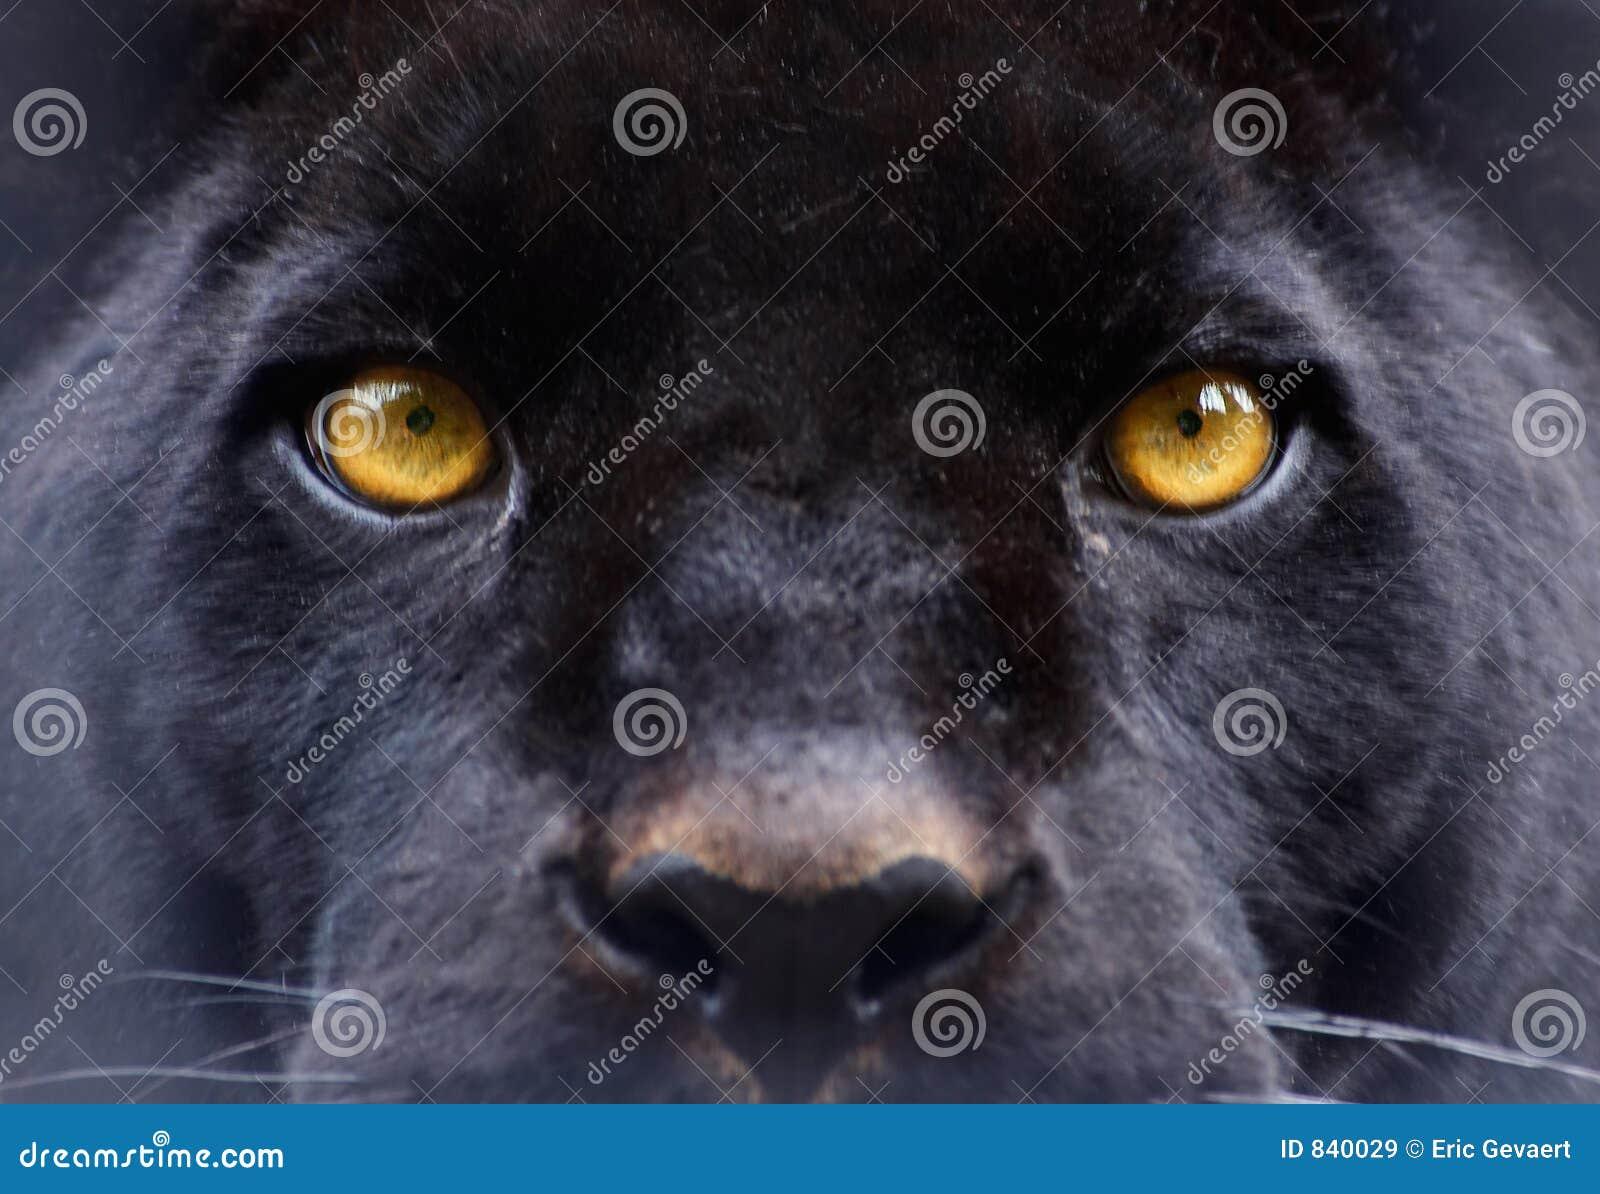 Die Augen eines schwarzen Panthers